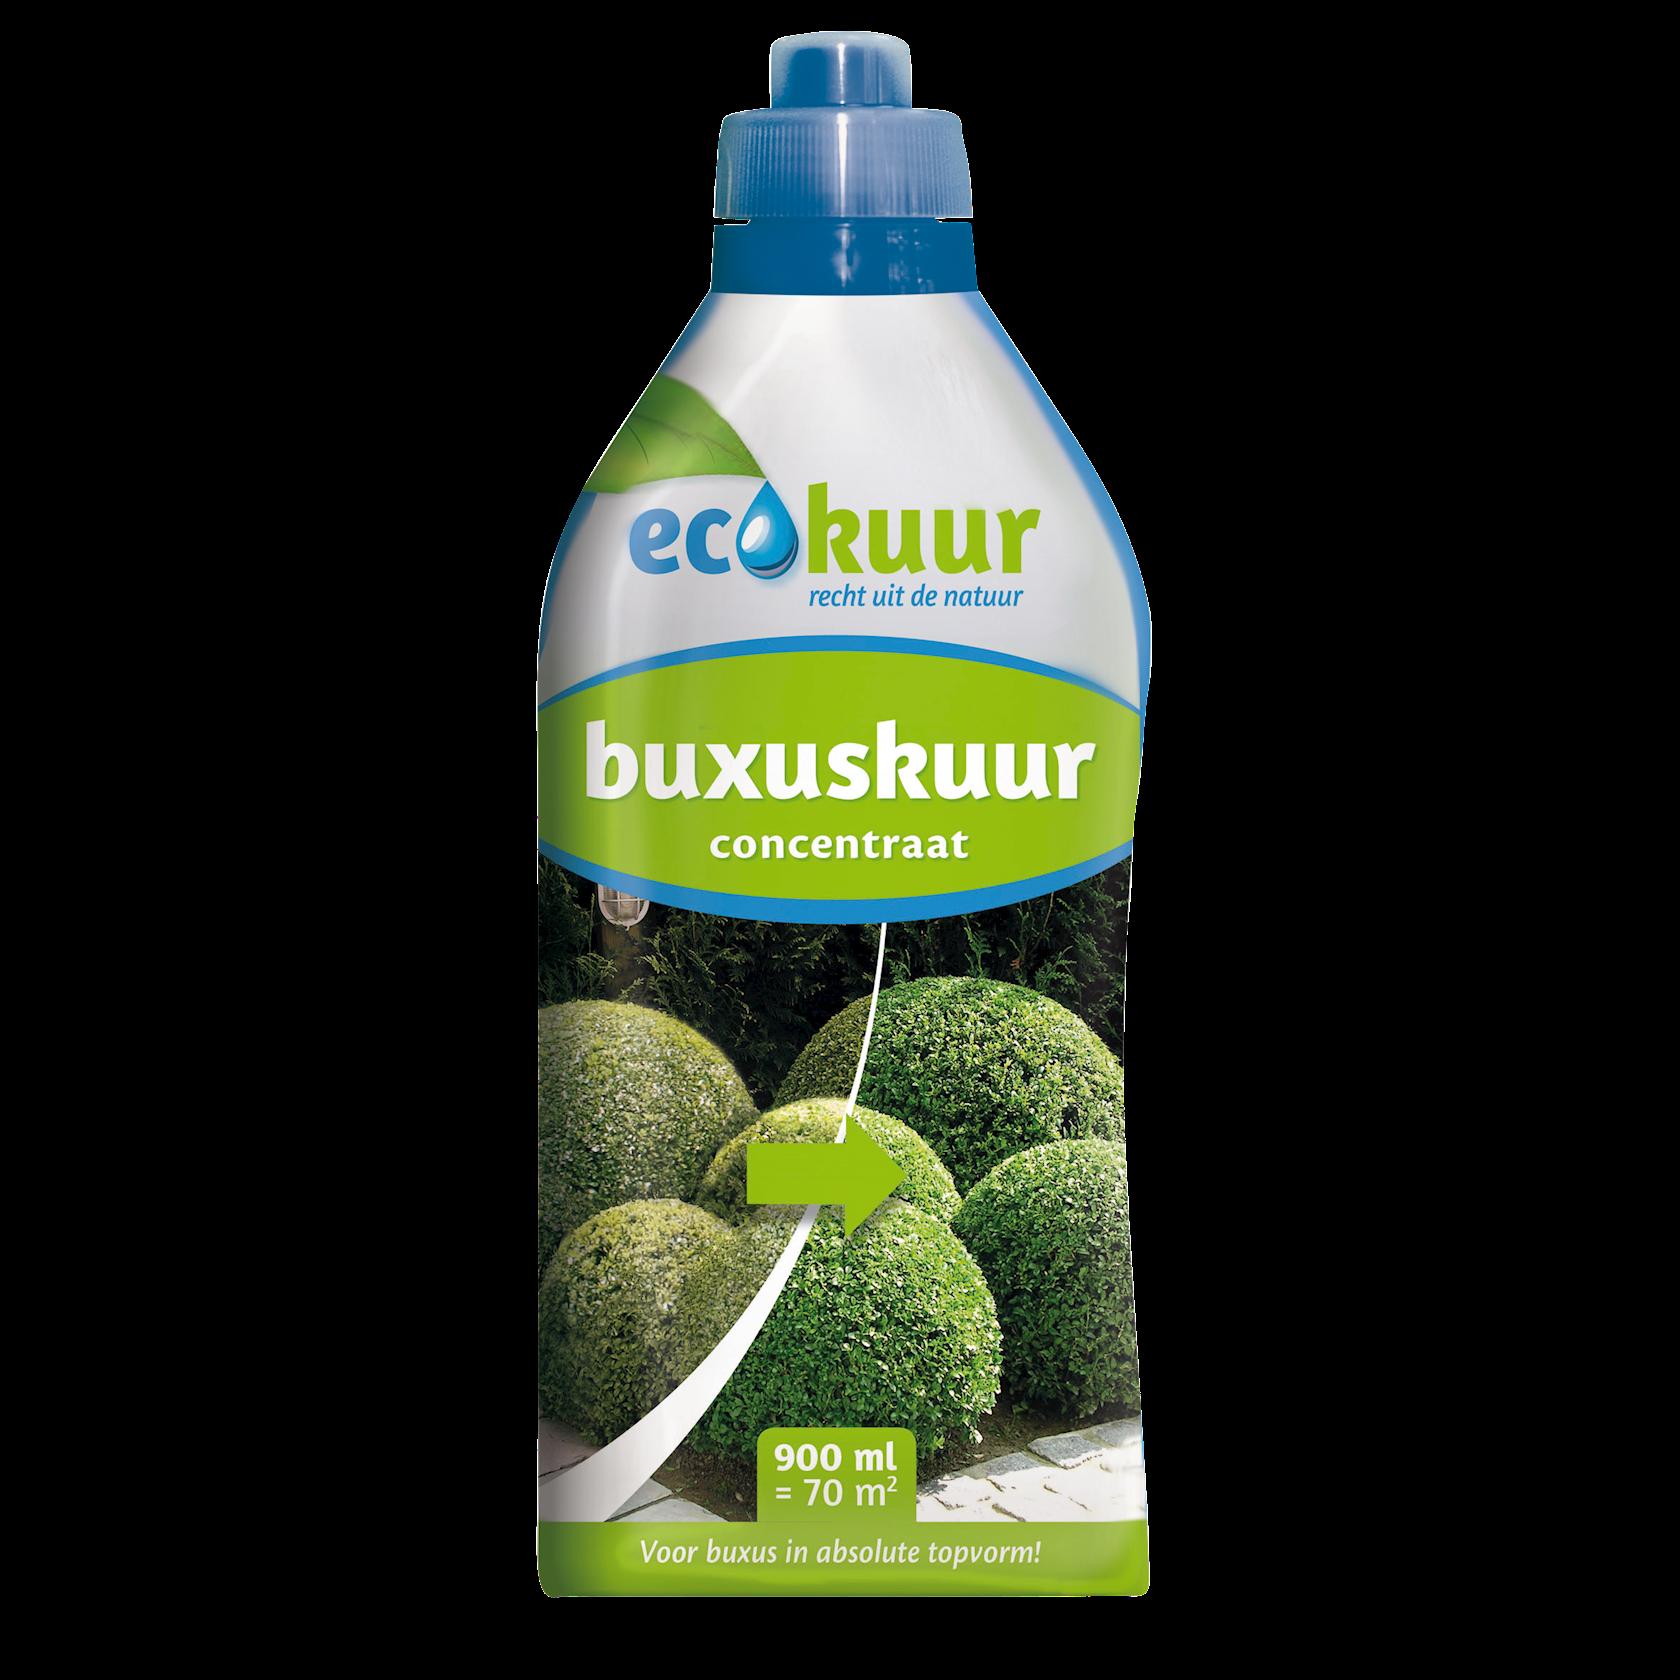 Ecokuur-buxus-900ml-voor-een-optimale-gezondheid-en-weerstand-van-uw-buxus